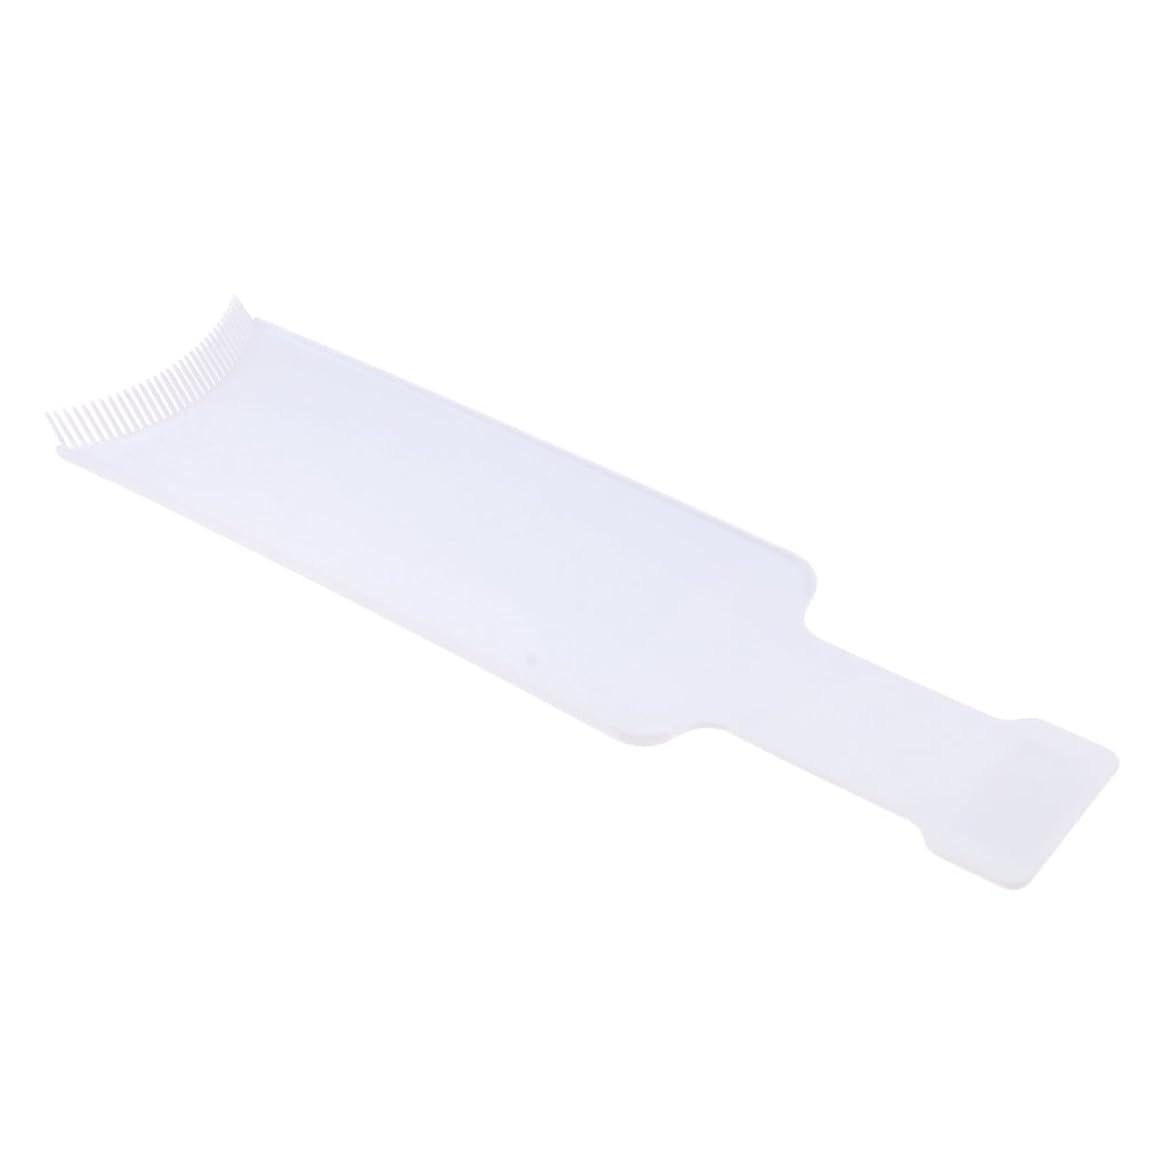 体現する説教する用量Fenteer 染色櫛プレート 染めボード ヘアカラー 櫛 着色ボード ヘアブラシ ヘアコーム 便利 2サイズ2色選べる - L, 白